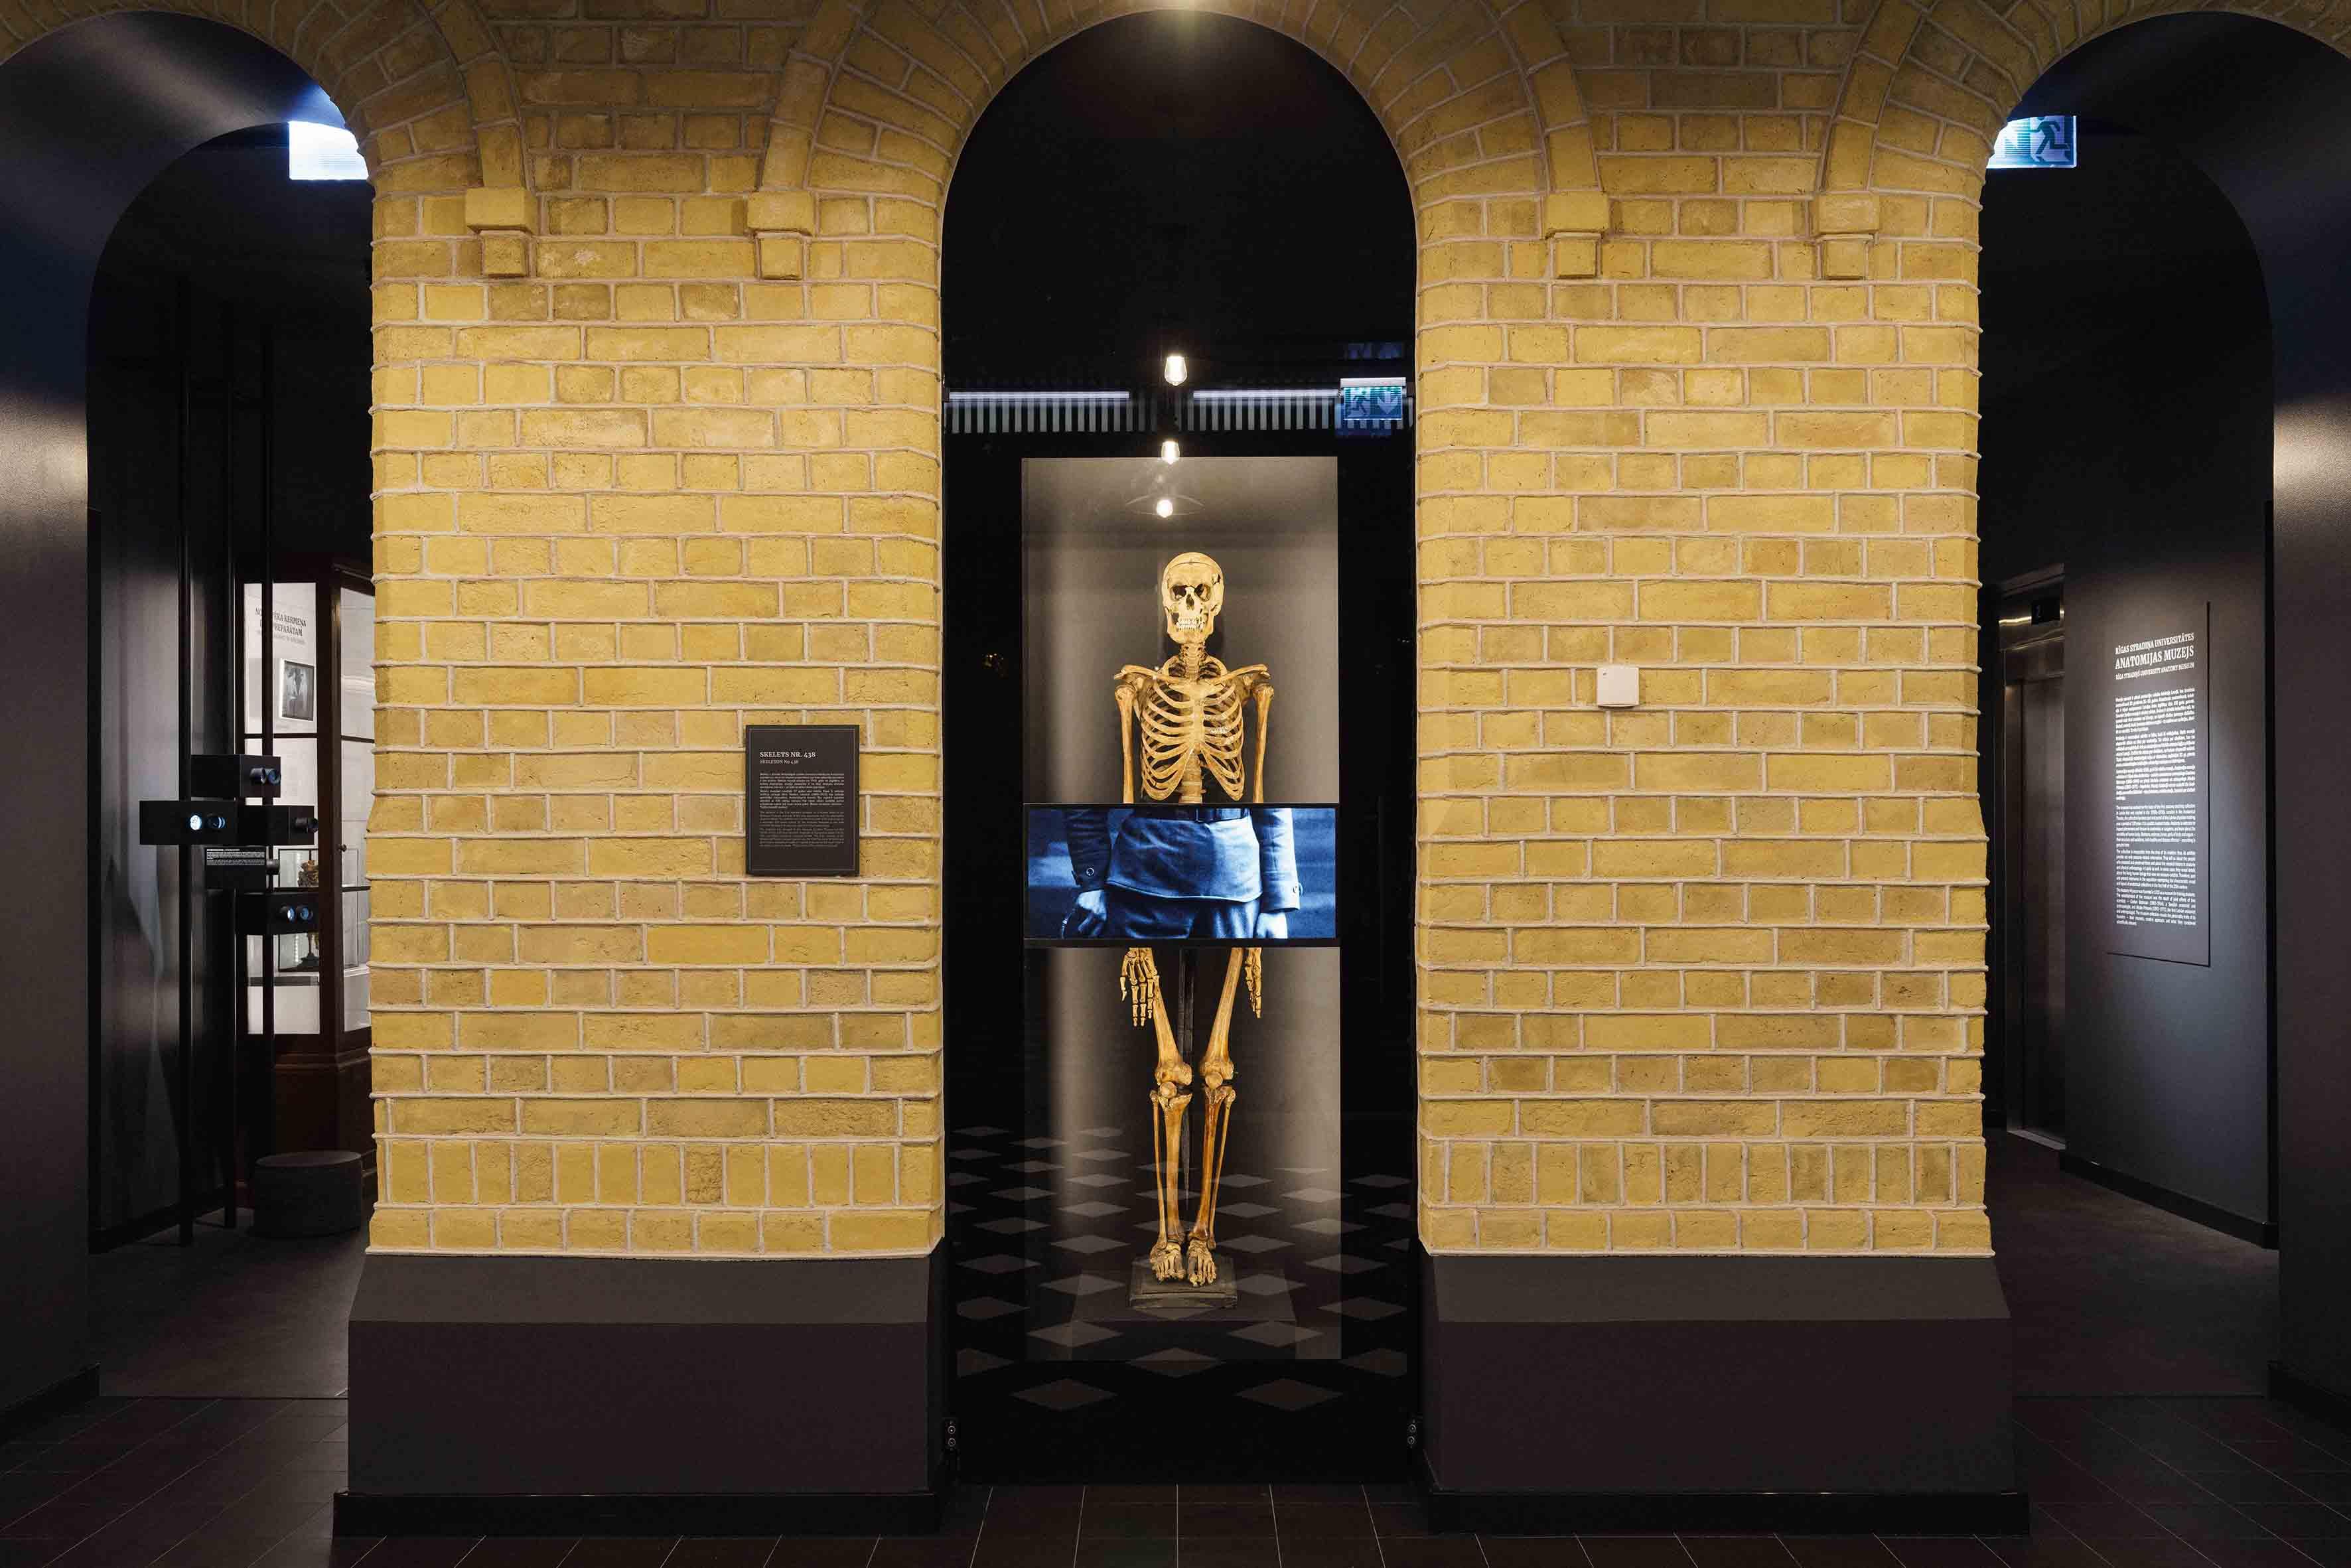 Muzejā ienākot, apmeklētāju sagaida pirmais eksponāts —  skelets, kuru muzejam 1925. gadā novēlējis Jānis Teodors Lukstiņš